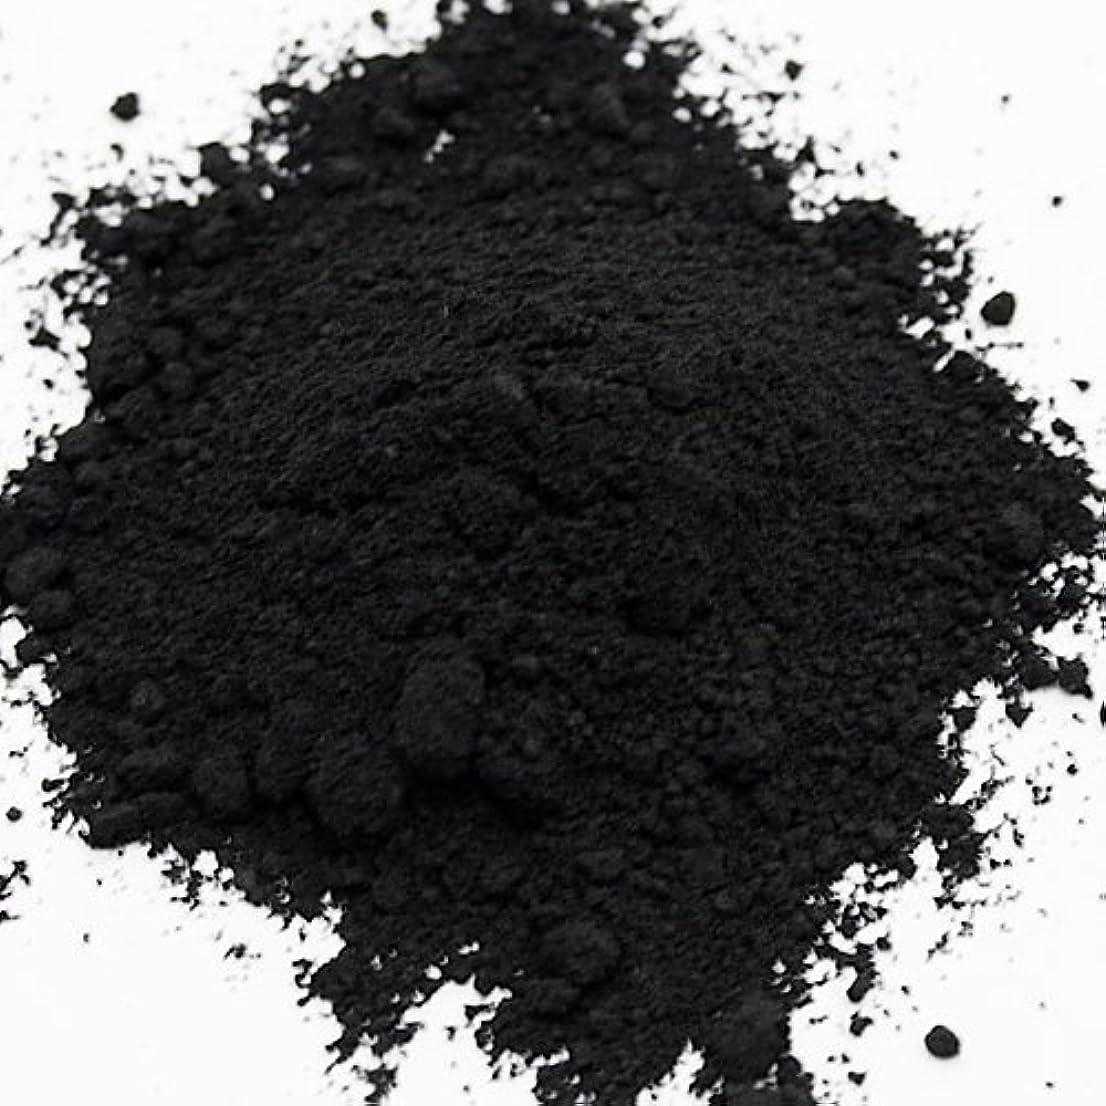 酸化鉄 ブラック 5g 【手作り石鹸/手作りコスメ/色付け/カラーラント/黒】